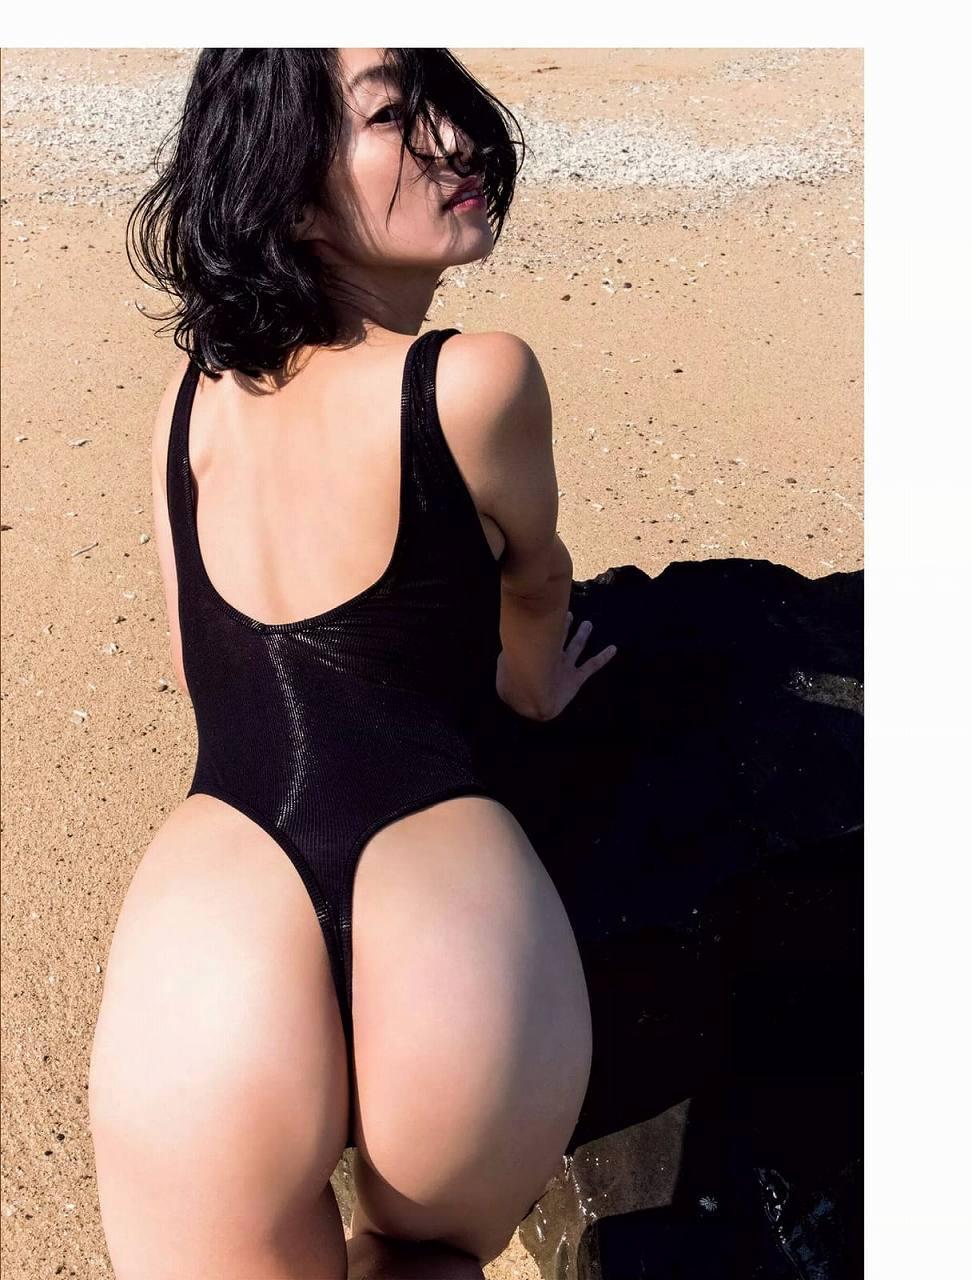 「週刊FLASH(フラッシュ) 2016年12月13日号」佐藤寛子のTバック水着グラビア